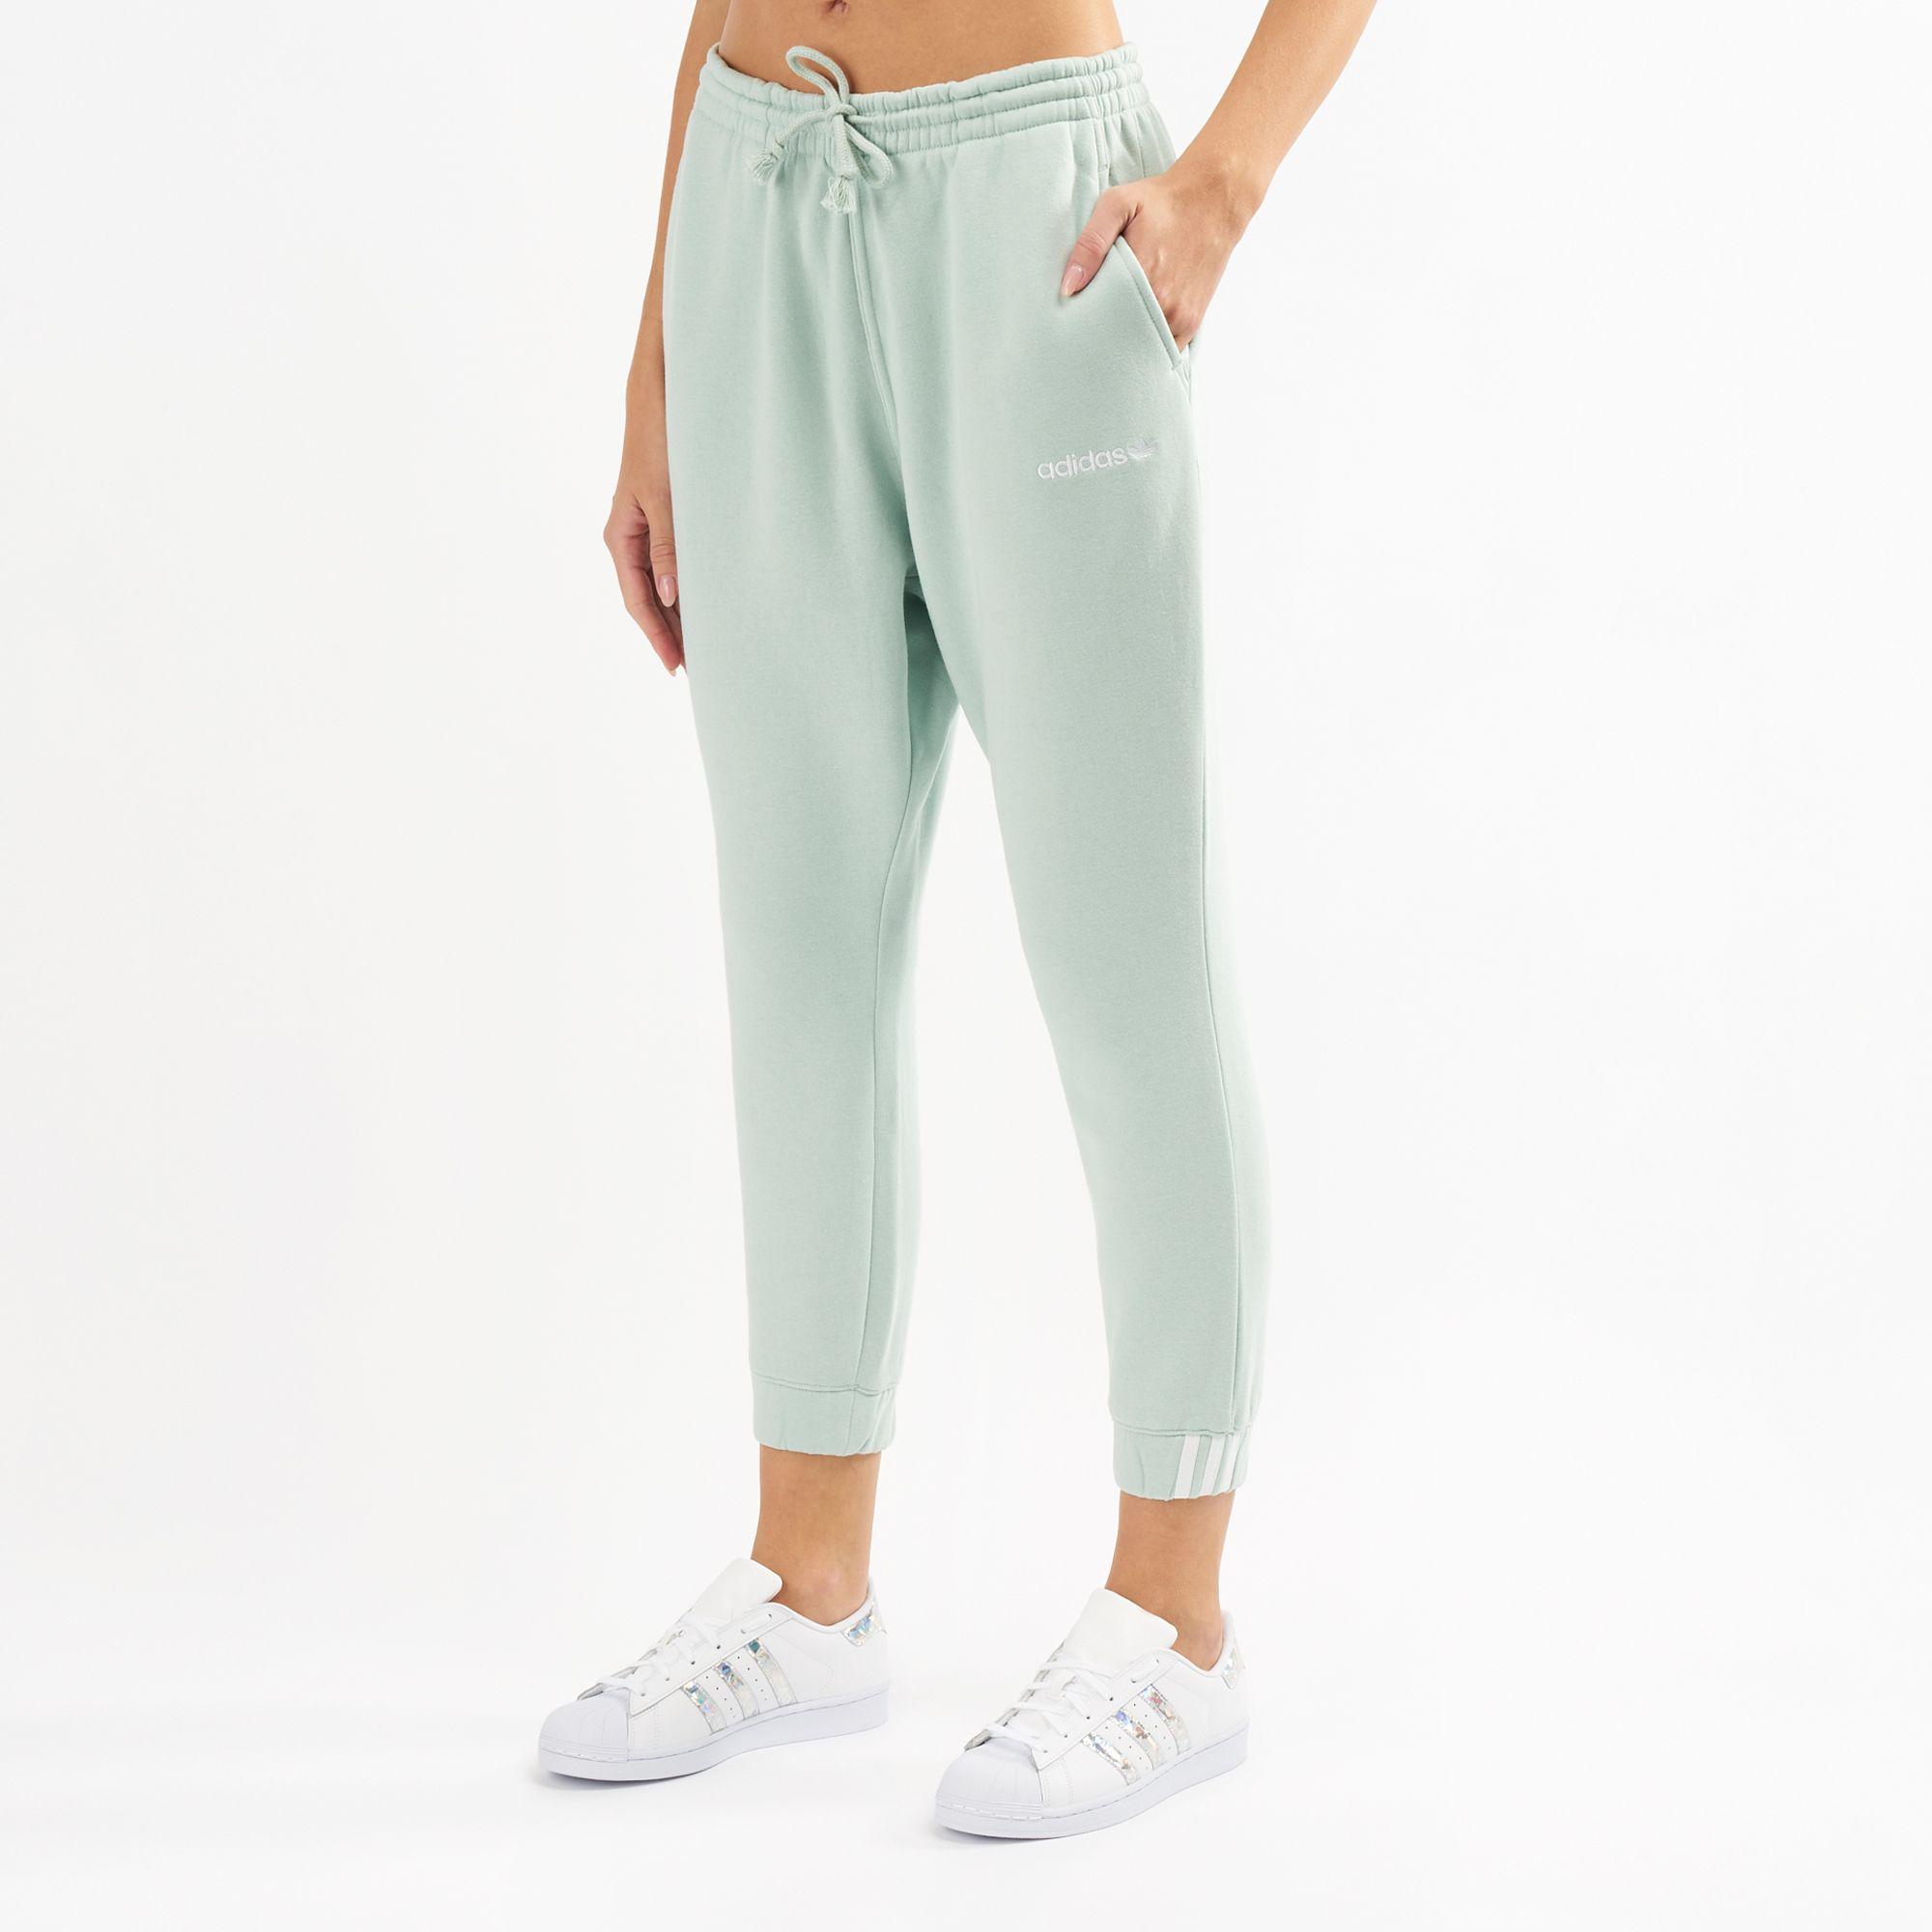 Adidas Originals WoMen's Coeeze Pants   Track Pants   Pants